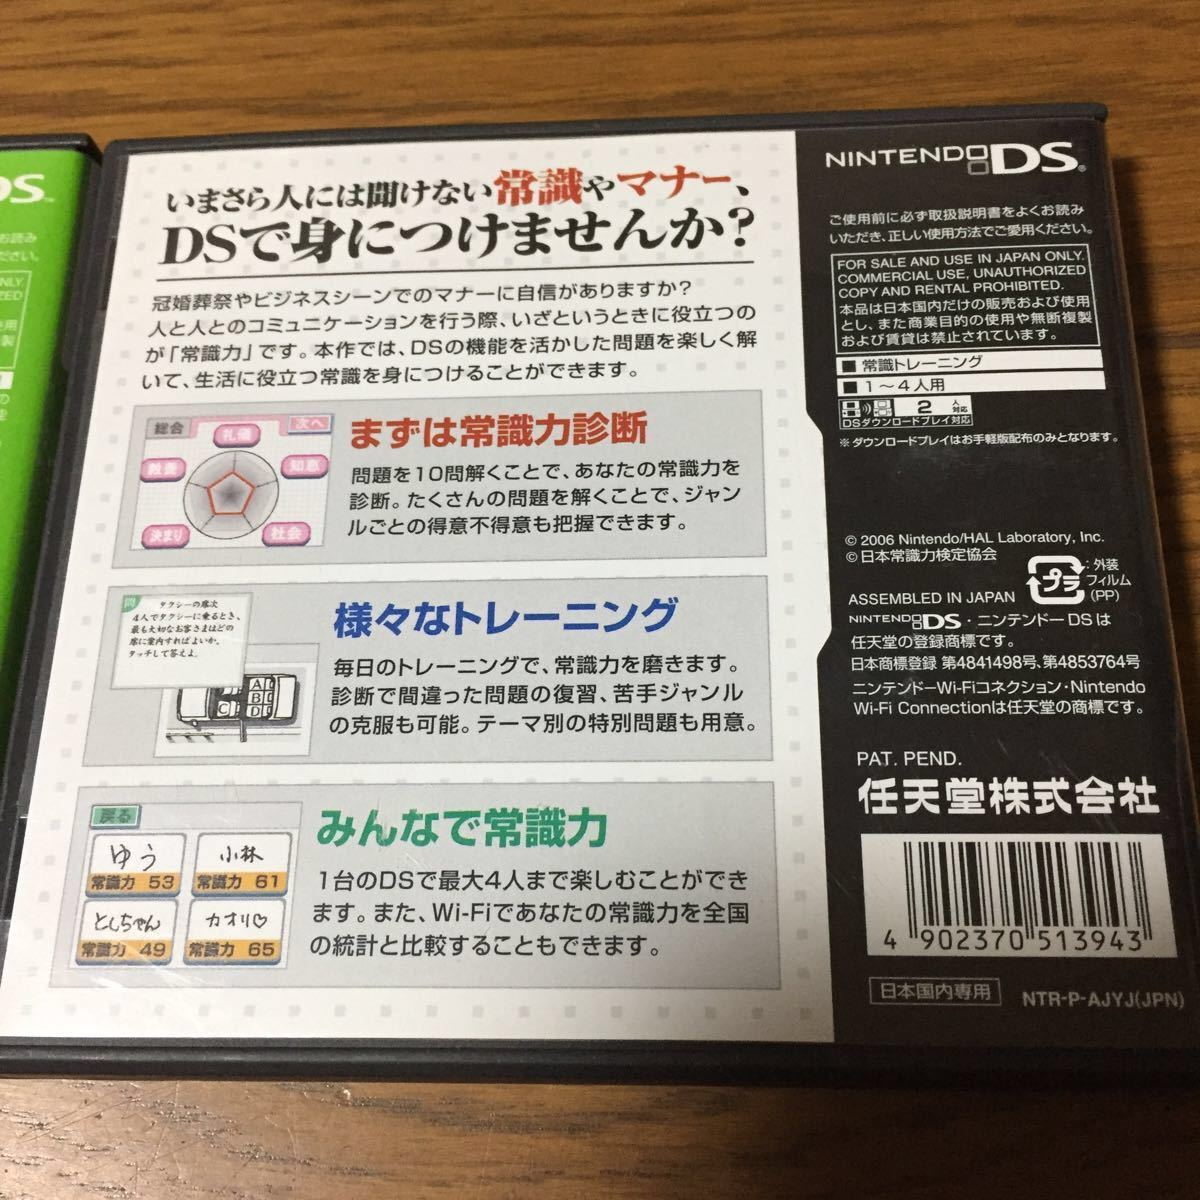 ニンテンドッグス 柴&フレンズ・大人の常識力トレーニングDS 【2本セット】